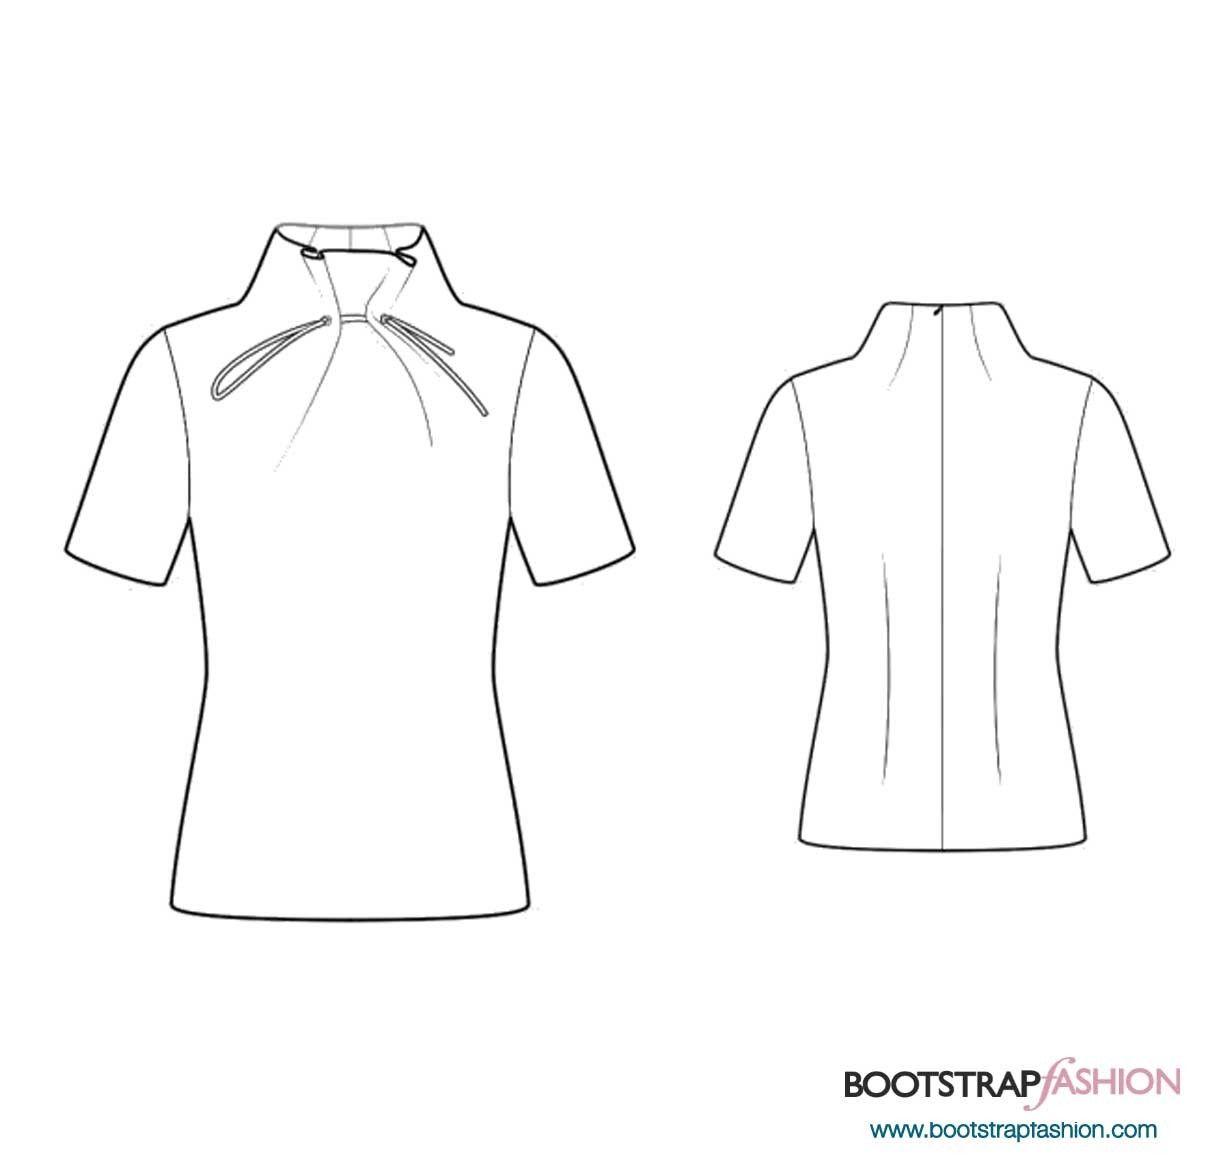 Bootstrapfashion designer sewing patterns free trend bootstrapfashion designer sewing patterns free trend reports and fashion designer resources designer jeuxipadfo Images